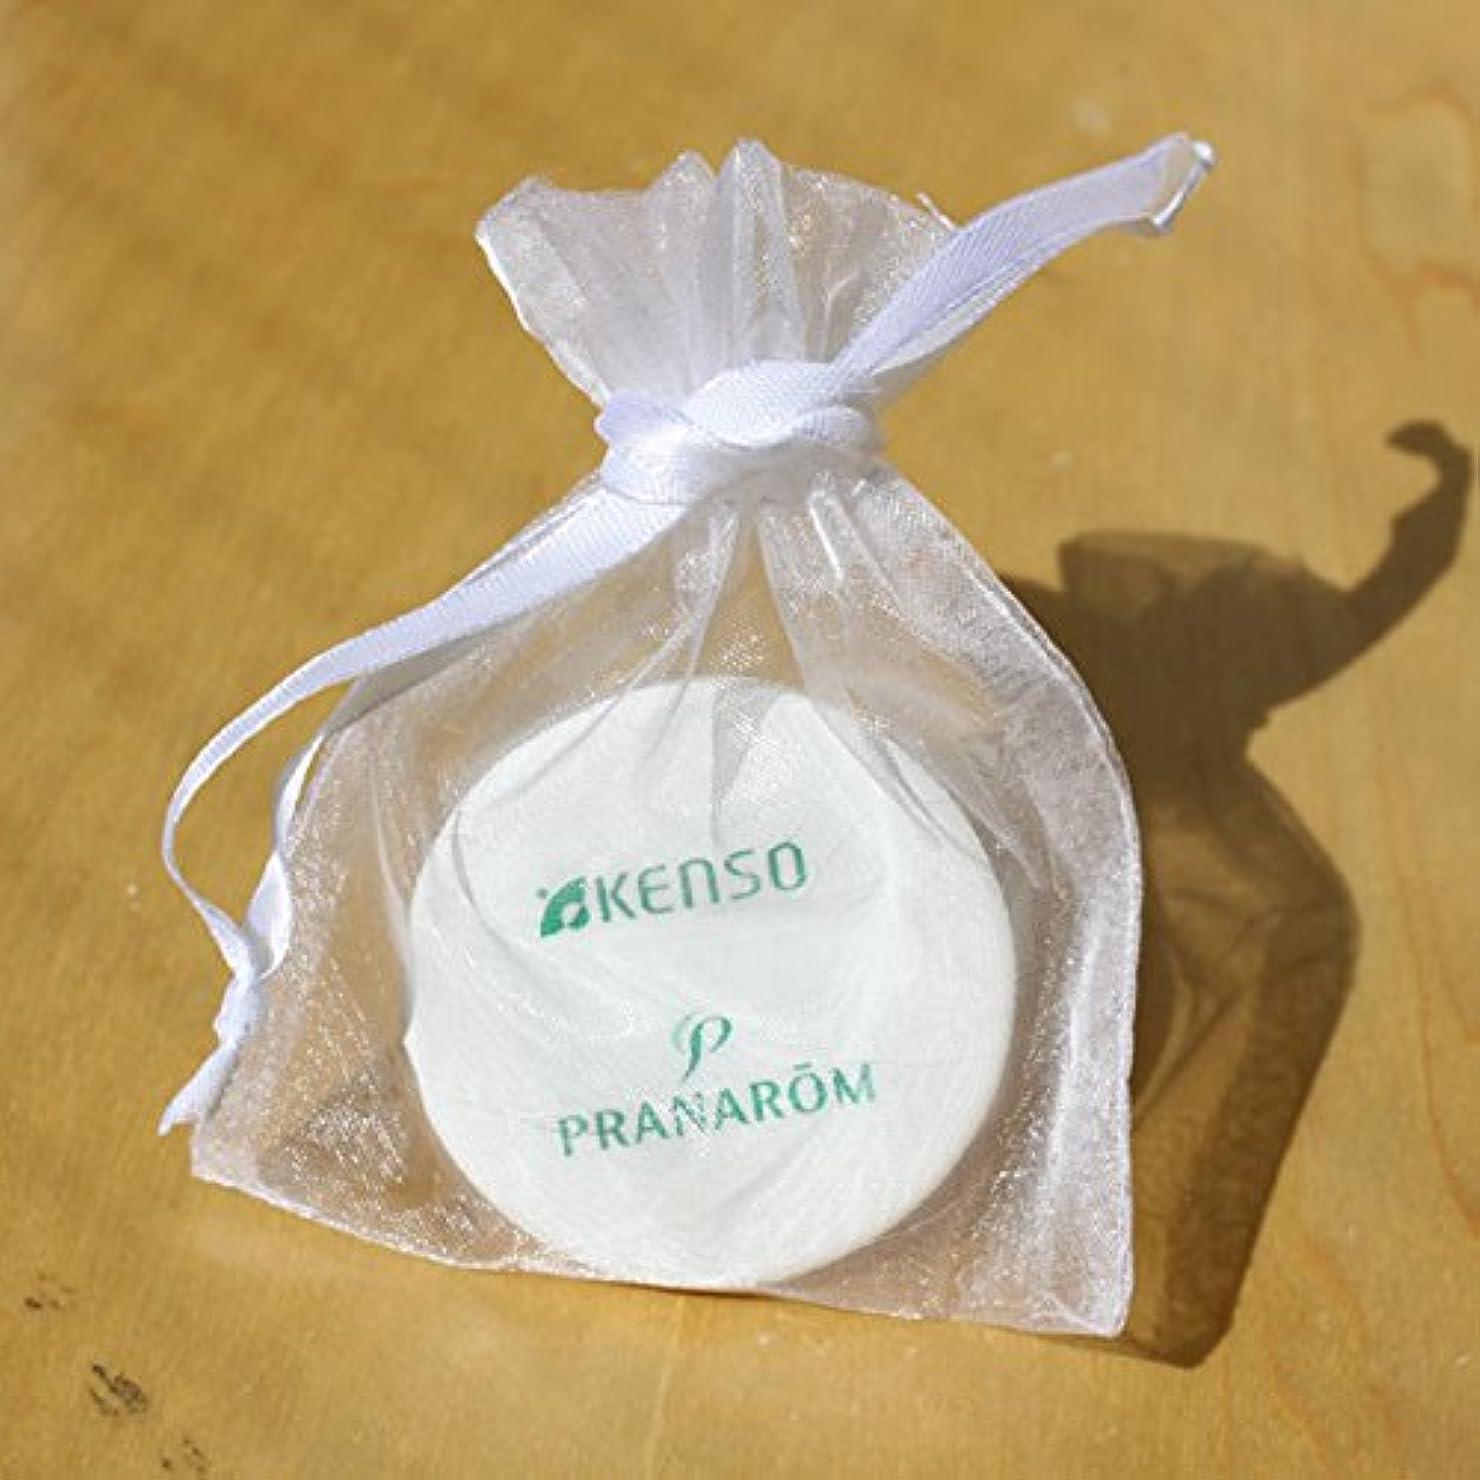 上聡明また明日ね健草医学舎 ( KENSO ケンソー ) アロマストーン ( 携帯用小袋付ディフューザー ) 02281 アロマストーンディフューザー